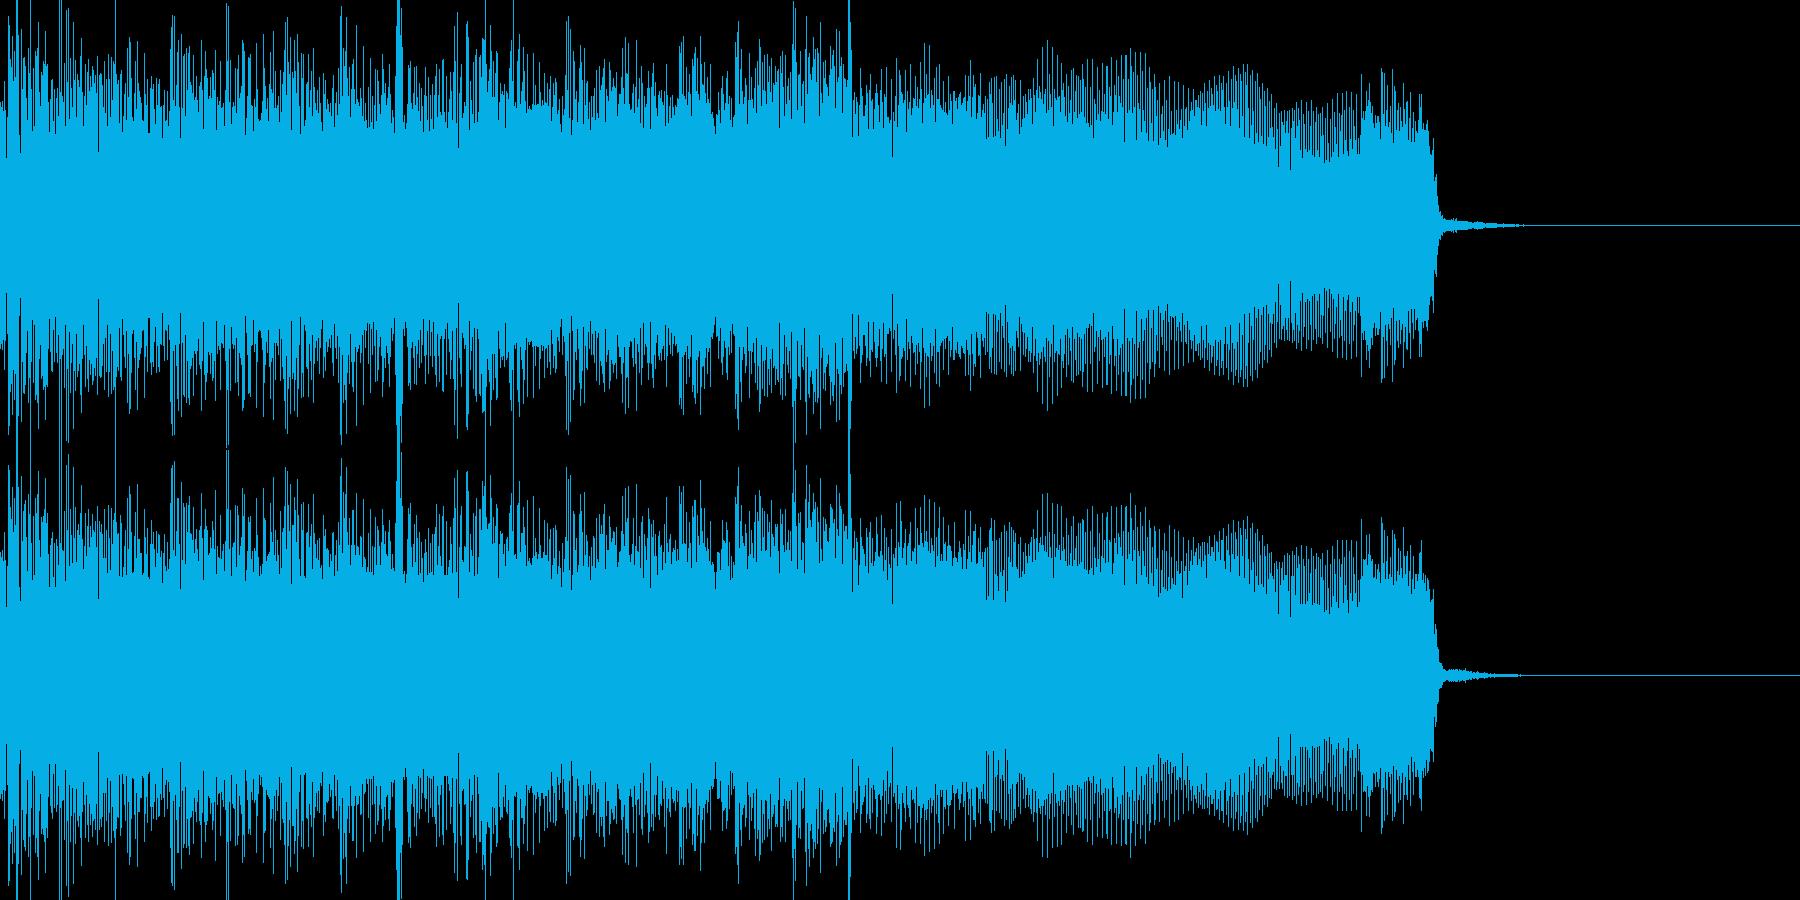 勢いがあり攻撃的なメタルロックver.2の再生済みの波形